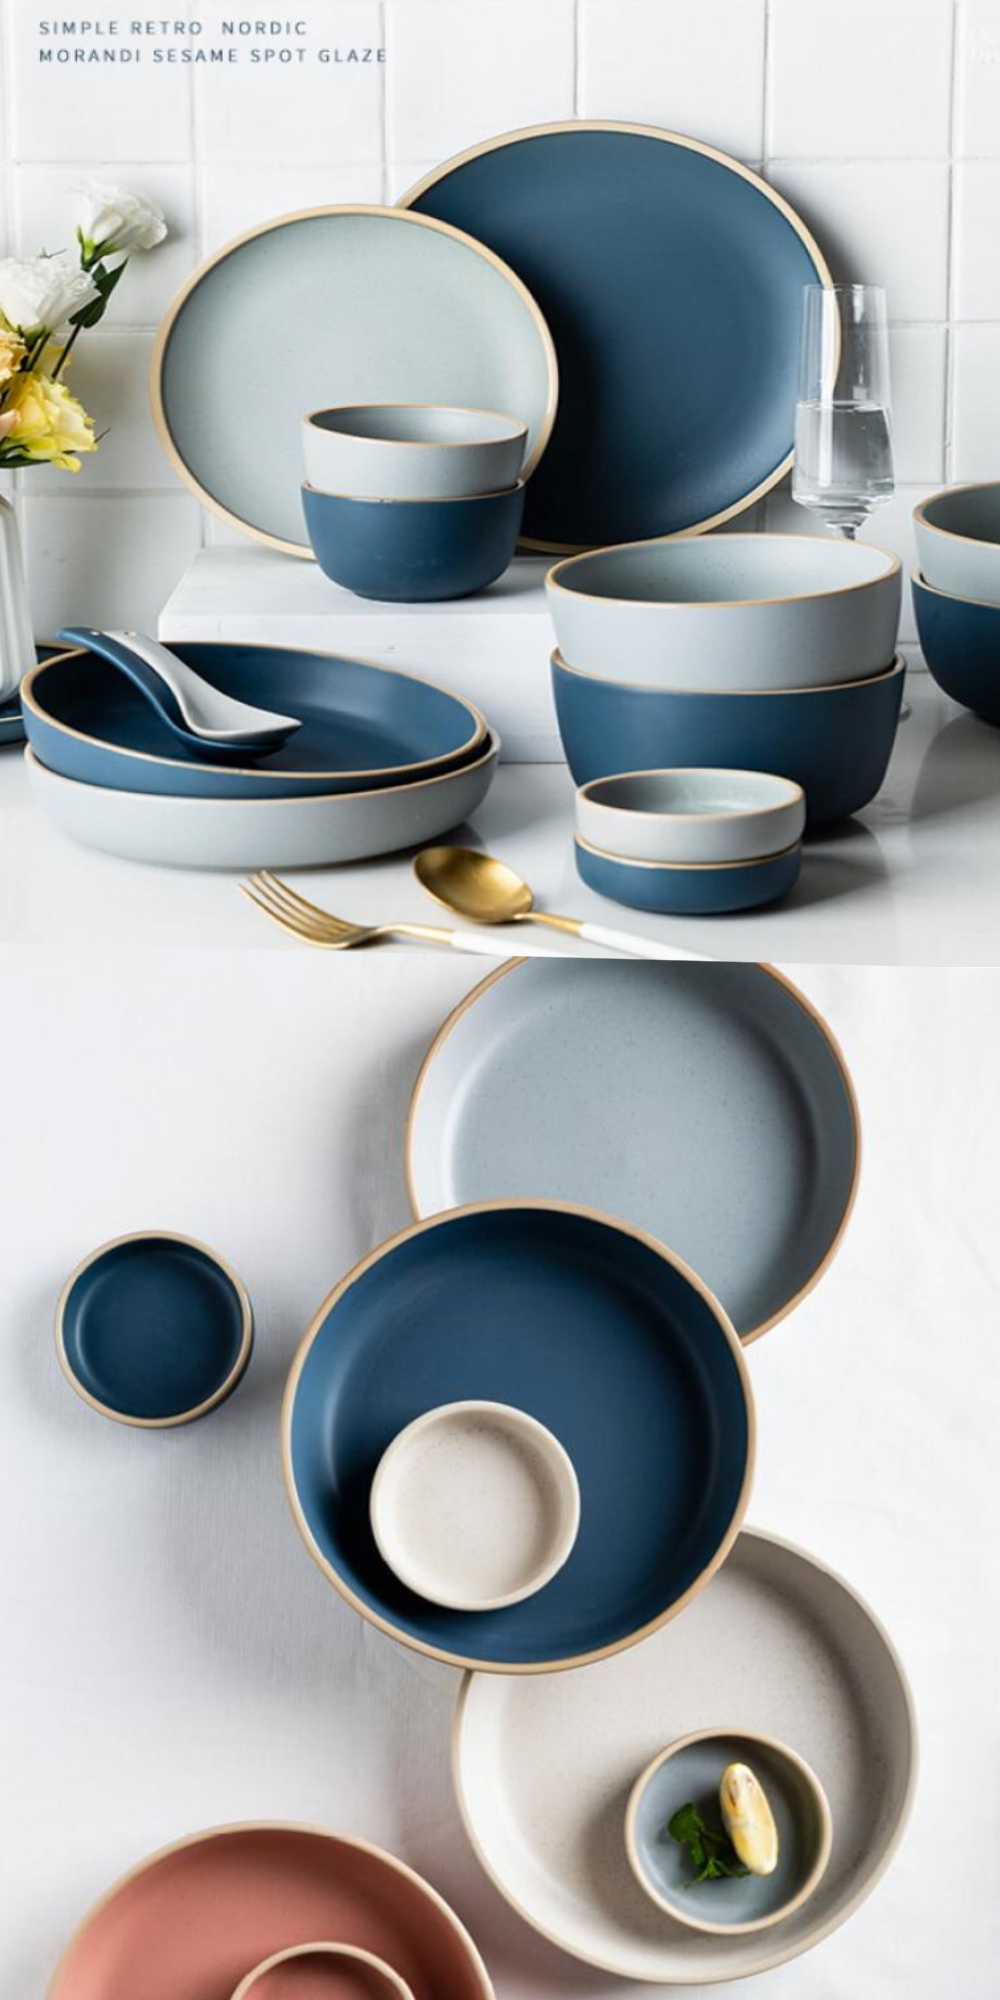 stoneware dinnerware set Ceramic bowl Dinnerware set Pottery plate Dinner set Dish set Plate set Cheese board Ceramic dinnerware